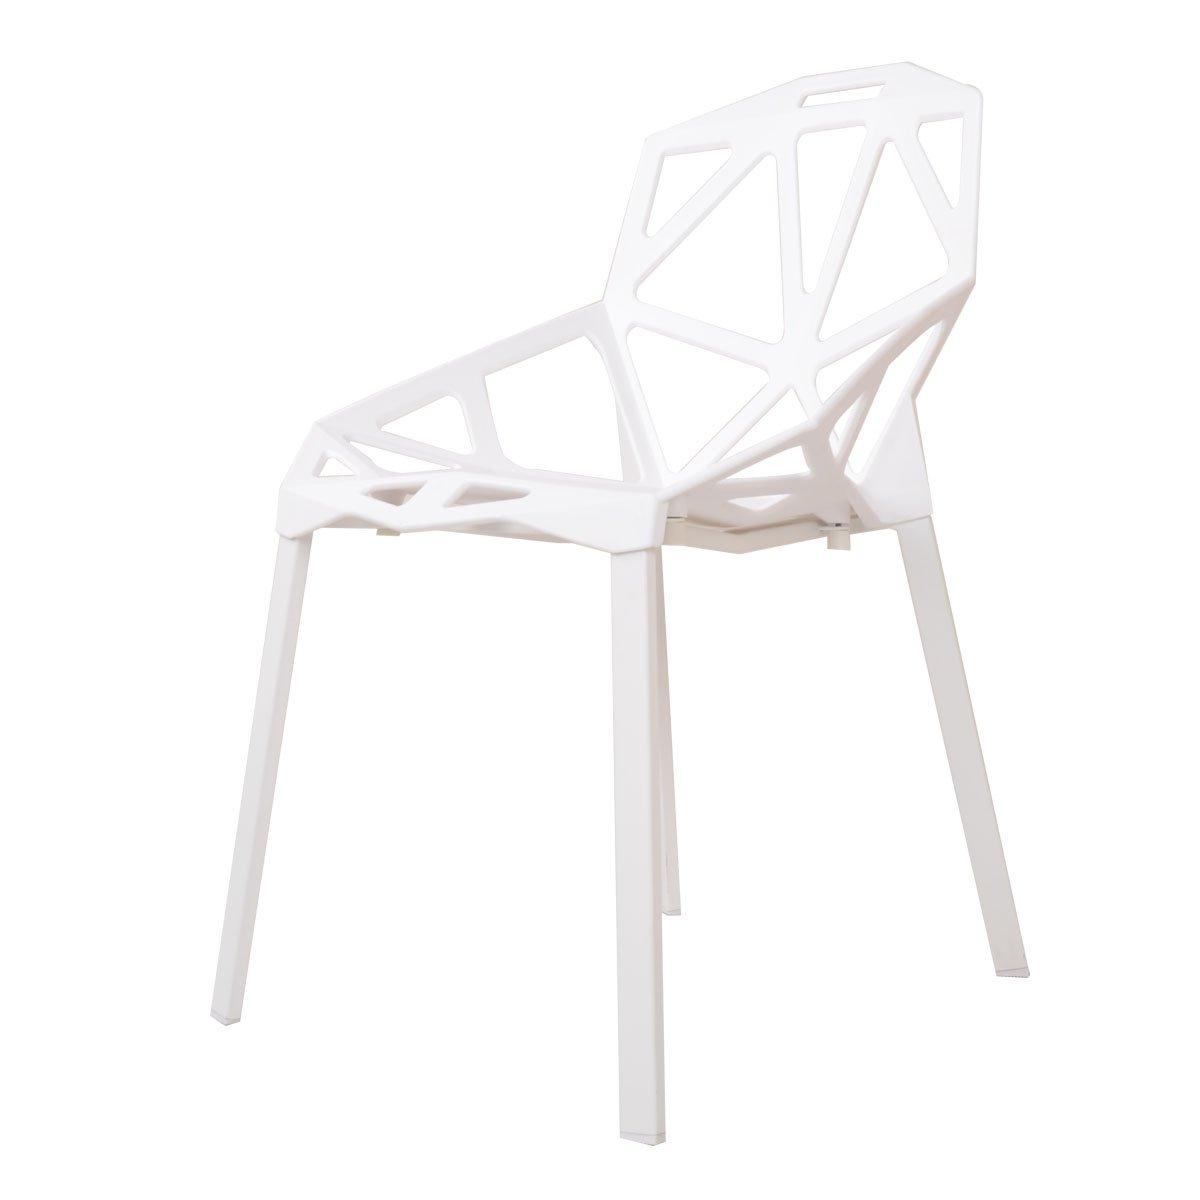 欧式创意阳台休闲椅子/时尚简约办公椅h